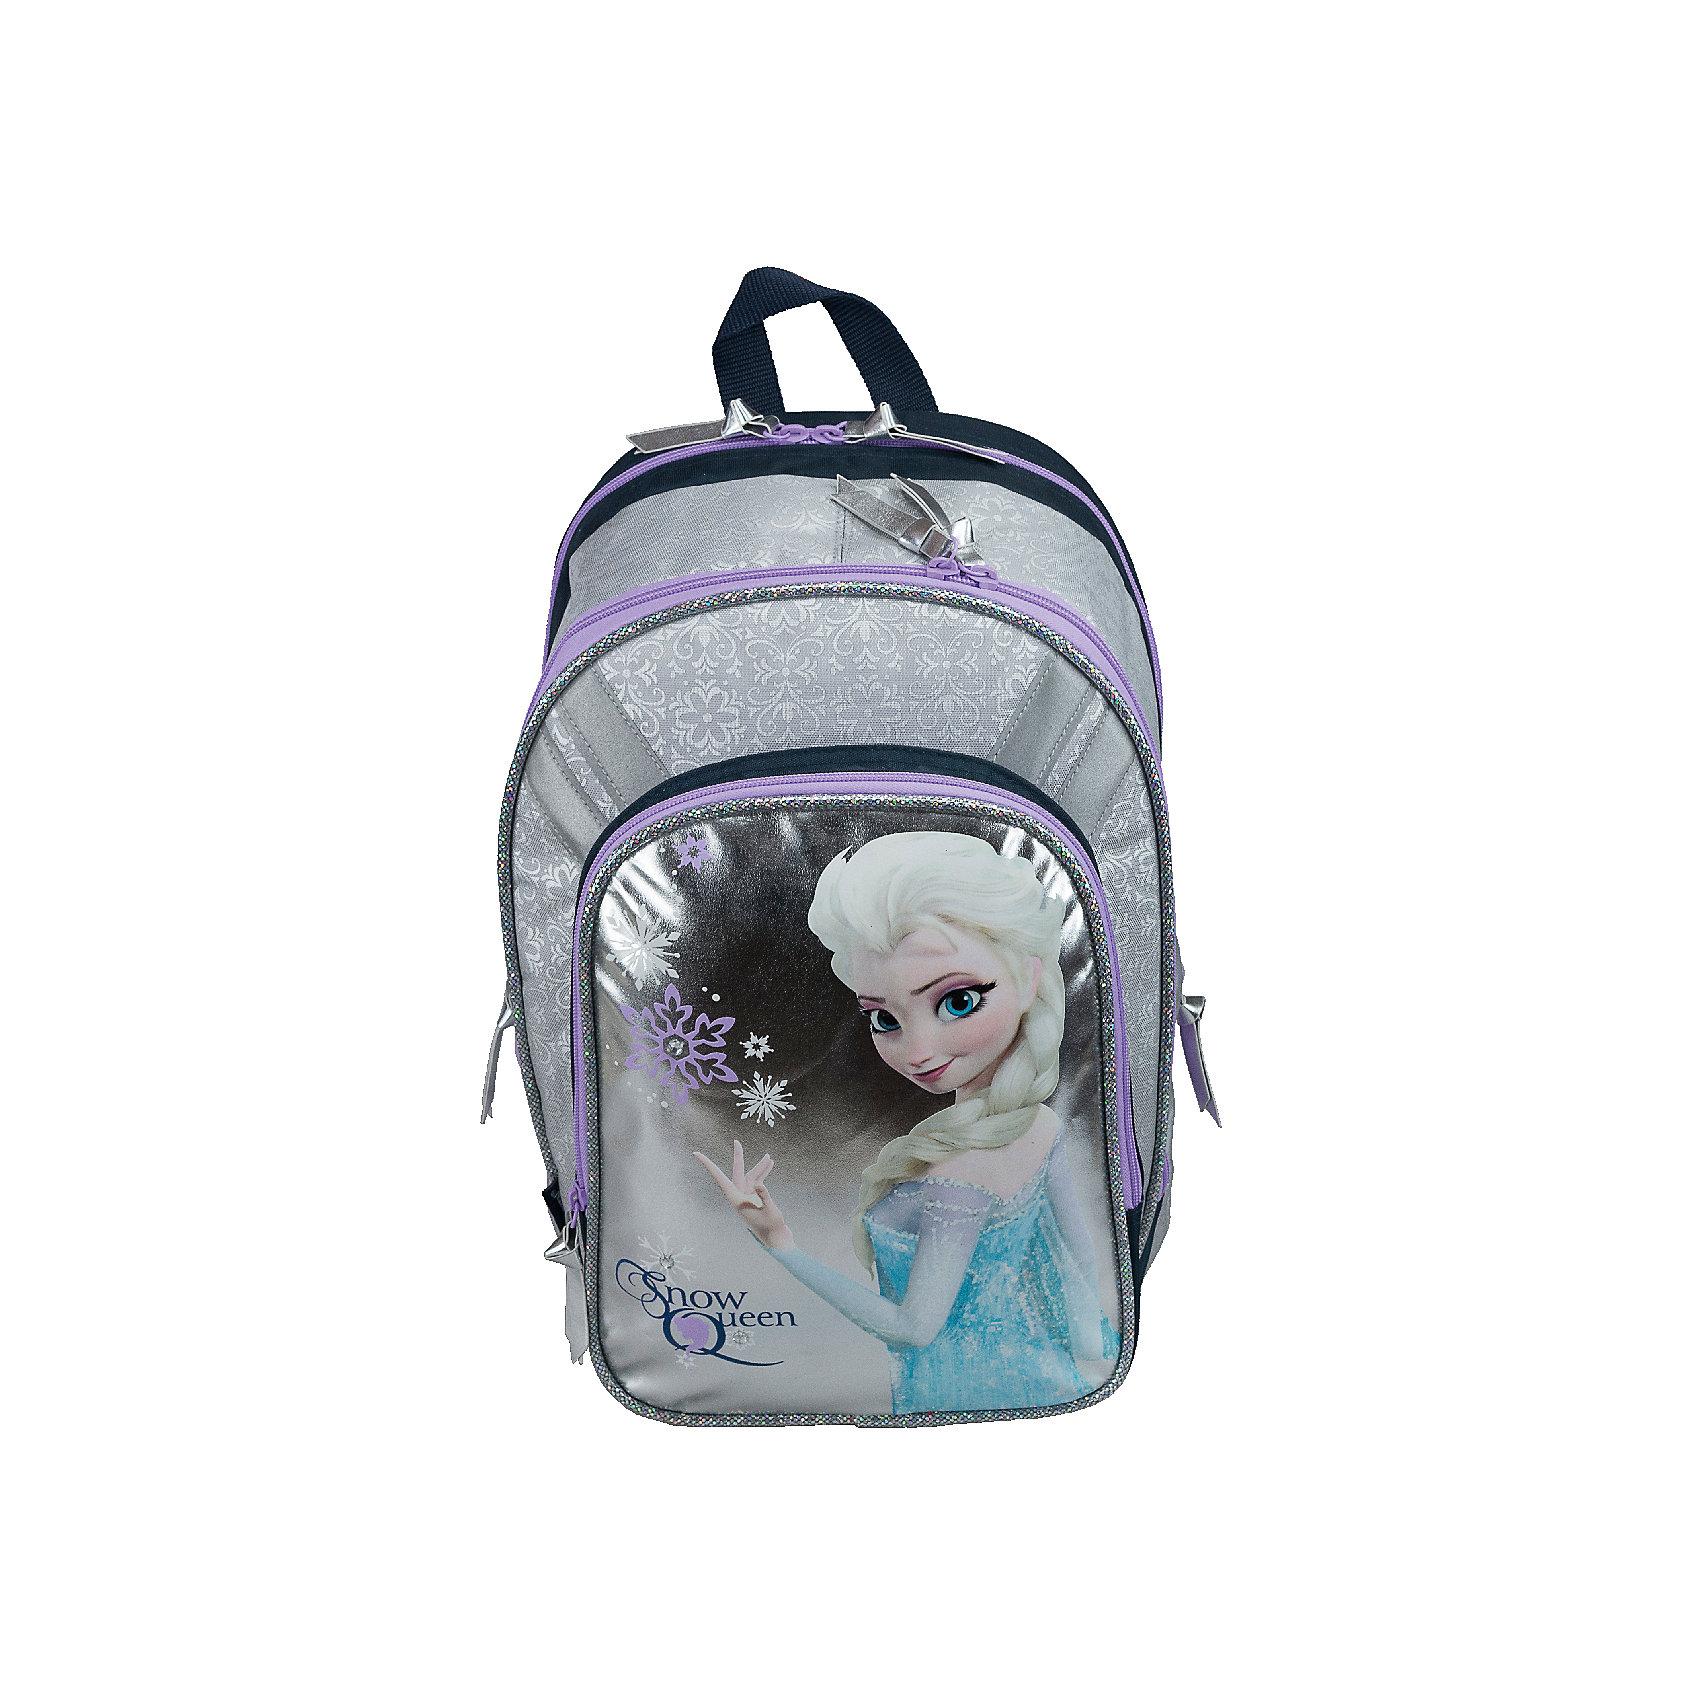 Академия групп Школьный рюкзак Холодное сердце академия групп сумка рюкзак для обуви холодное сердце